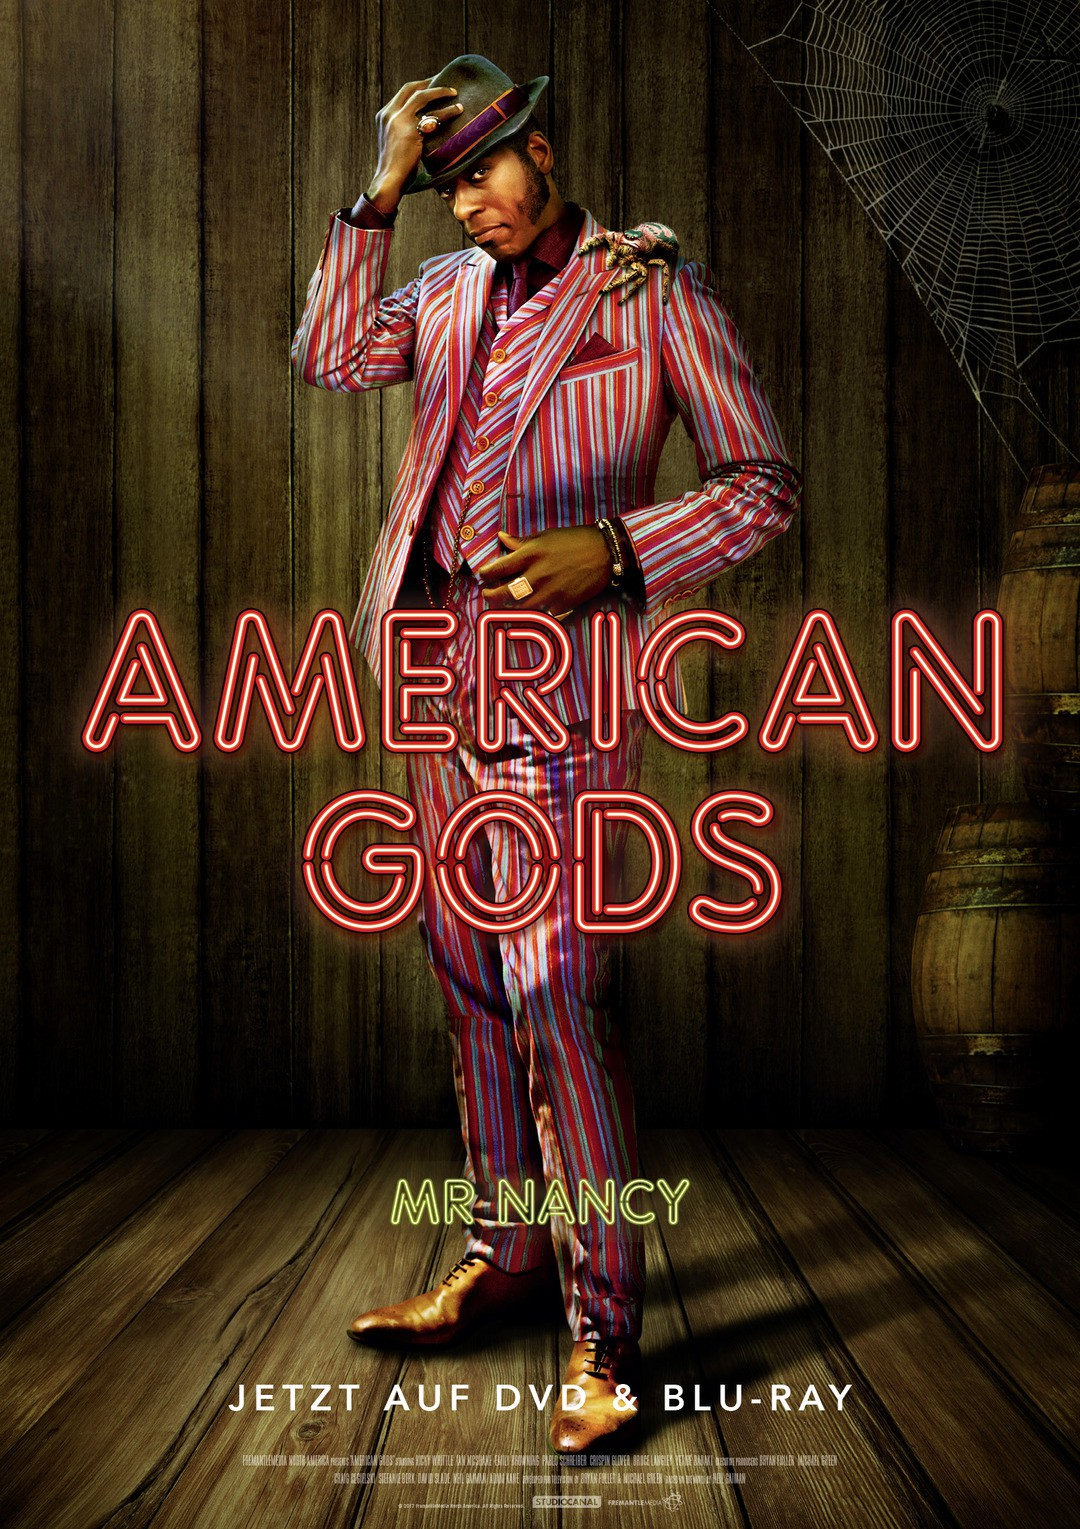 mr nancy anansi american gods das sind die g tter bild 5 von 40 trailerseite film tv. Black Bedroom Furniture Sets. Home Design Ideas